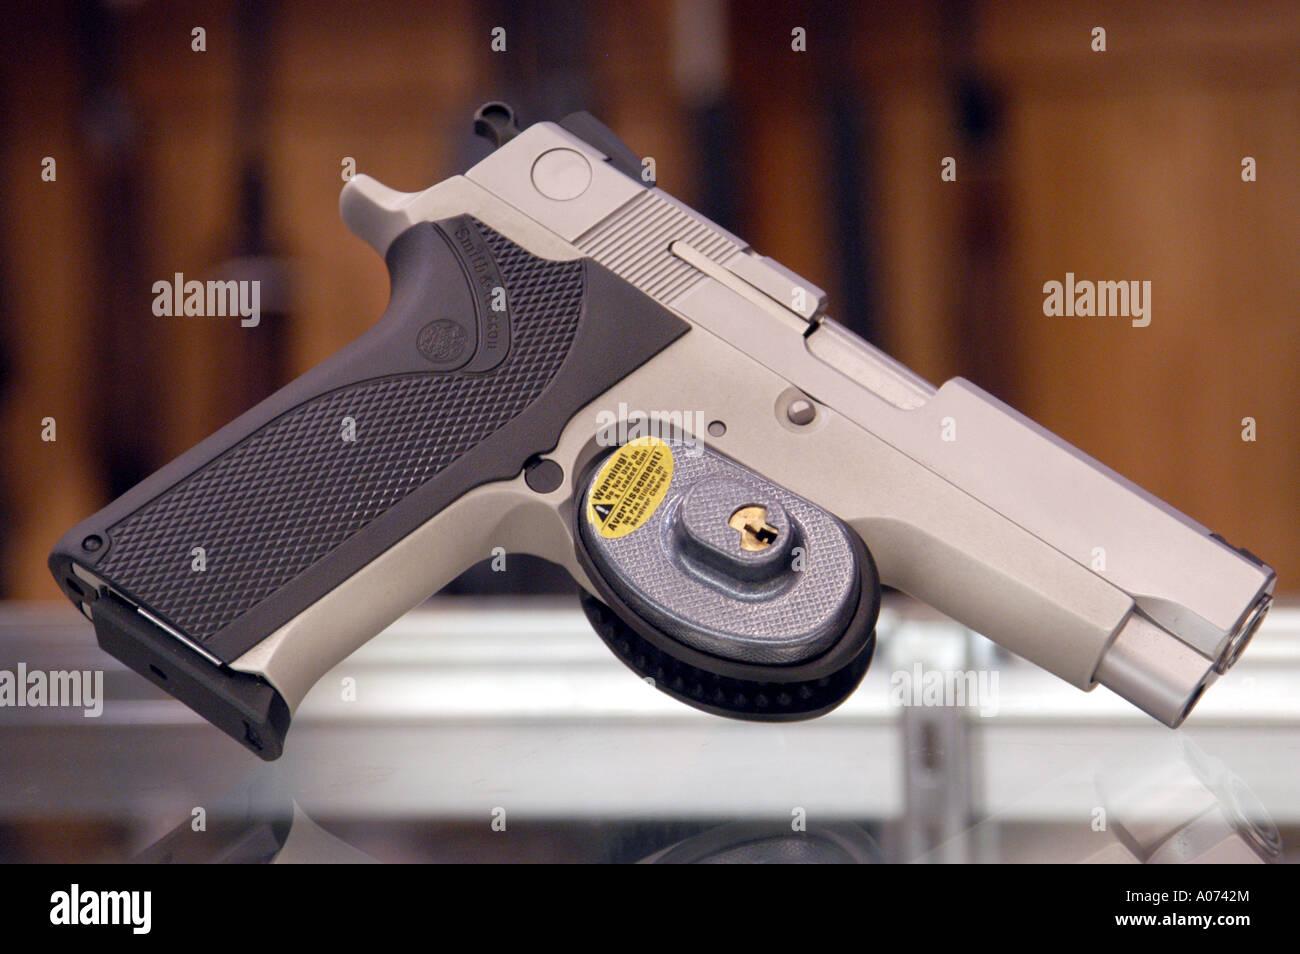 Gun Lock On Semi-Automatic Pistol, Hand Gun Stock Photo